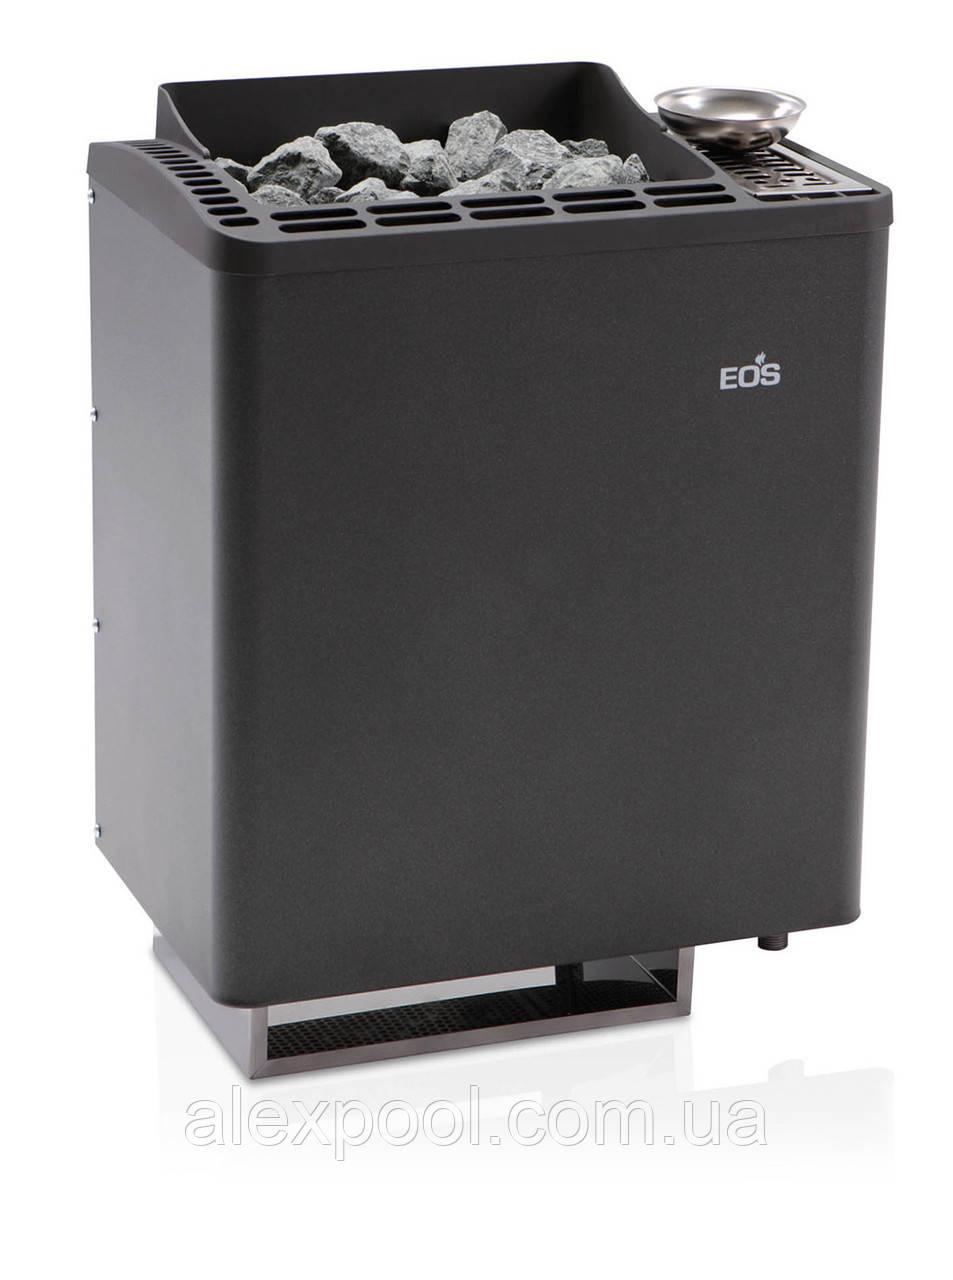 Электрическая печь EOS Bi-O Tec 7.5 kW (7.5 кВт, 7-10 м3, 380 В ), с парогенератором